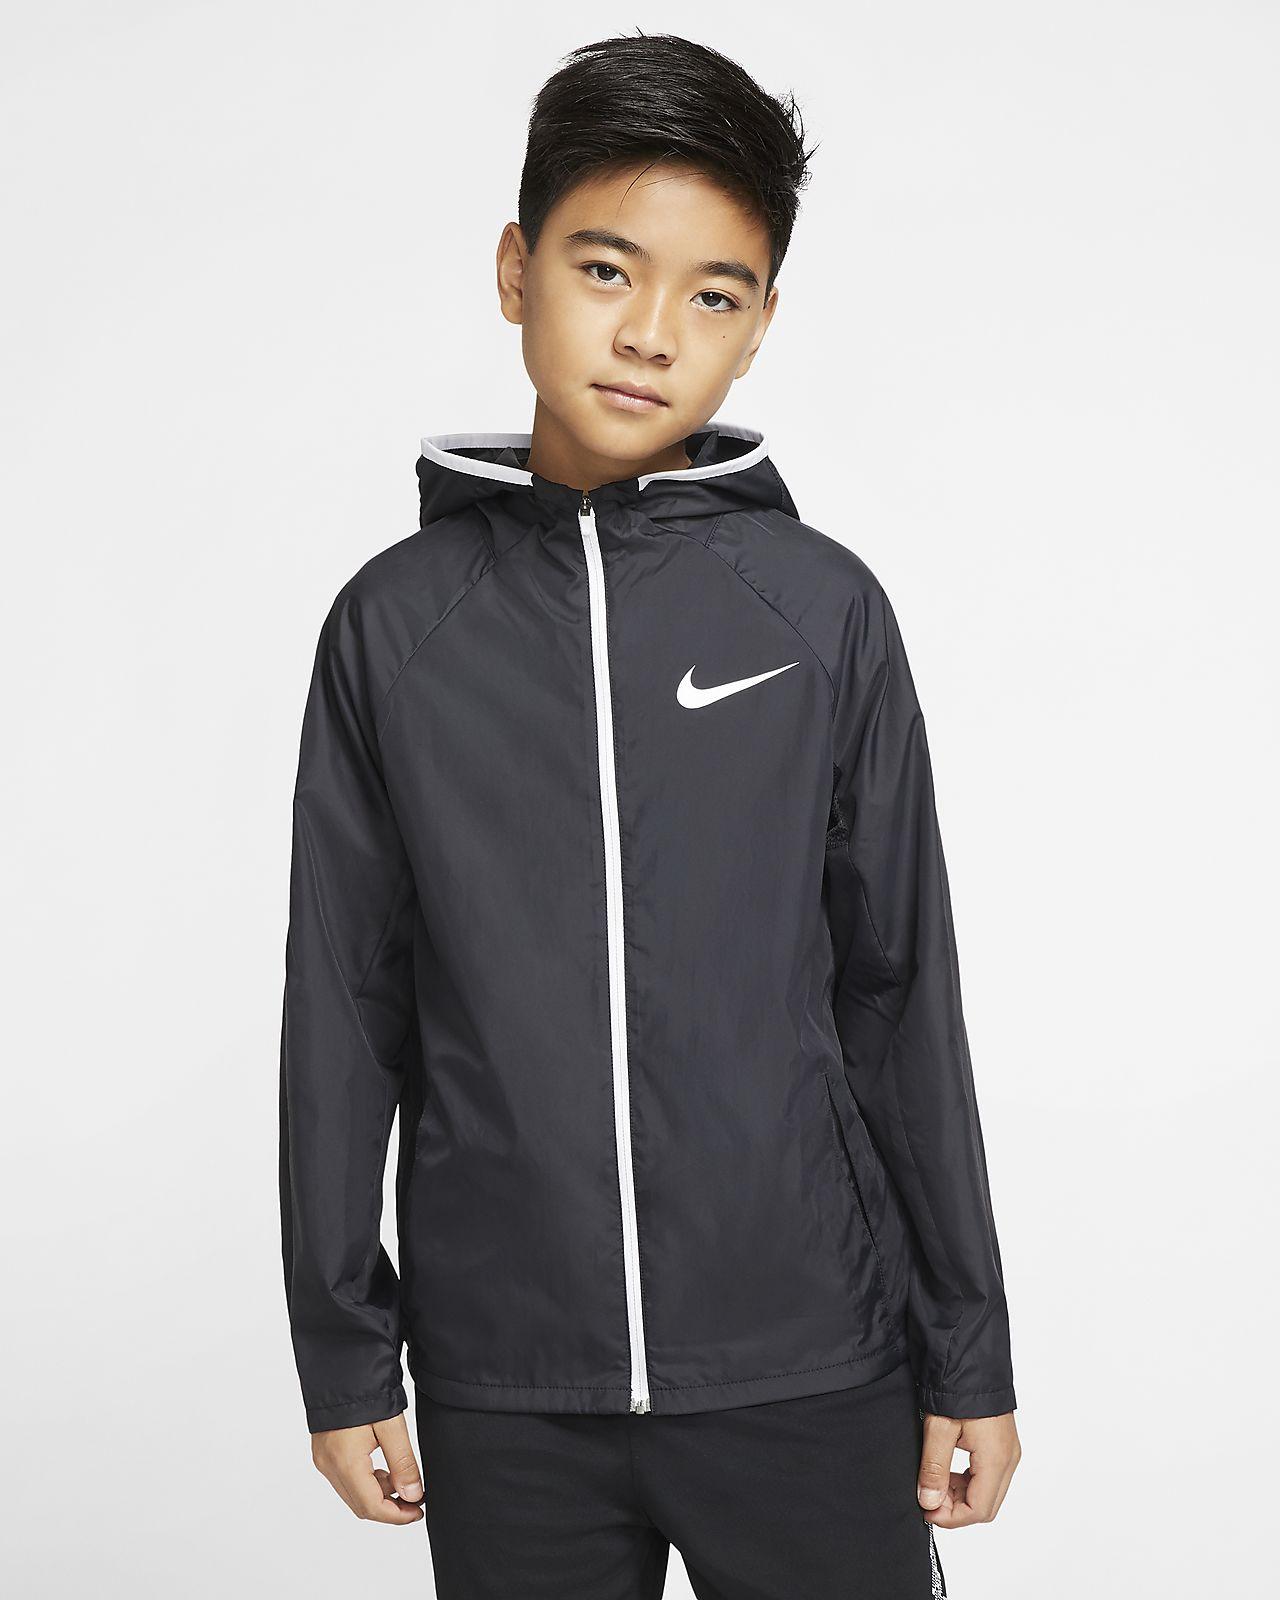 Kurtka treningowa z tkaniny dla dużych dzieci (chłopców) Nike. Nike PL